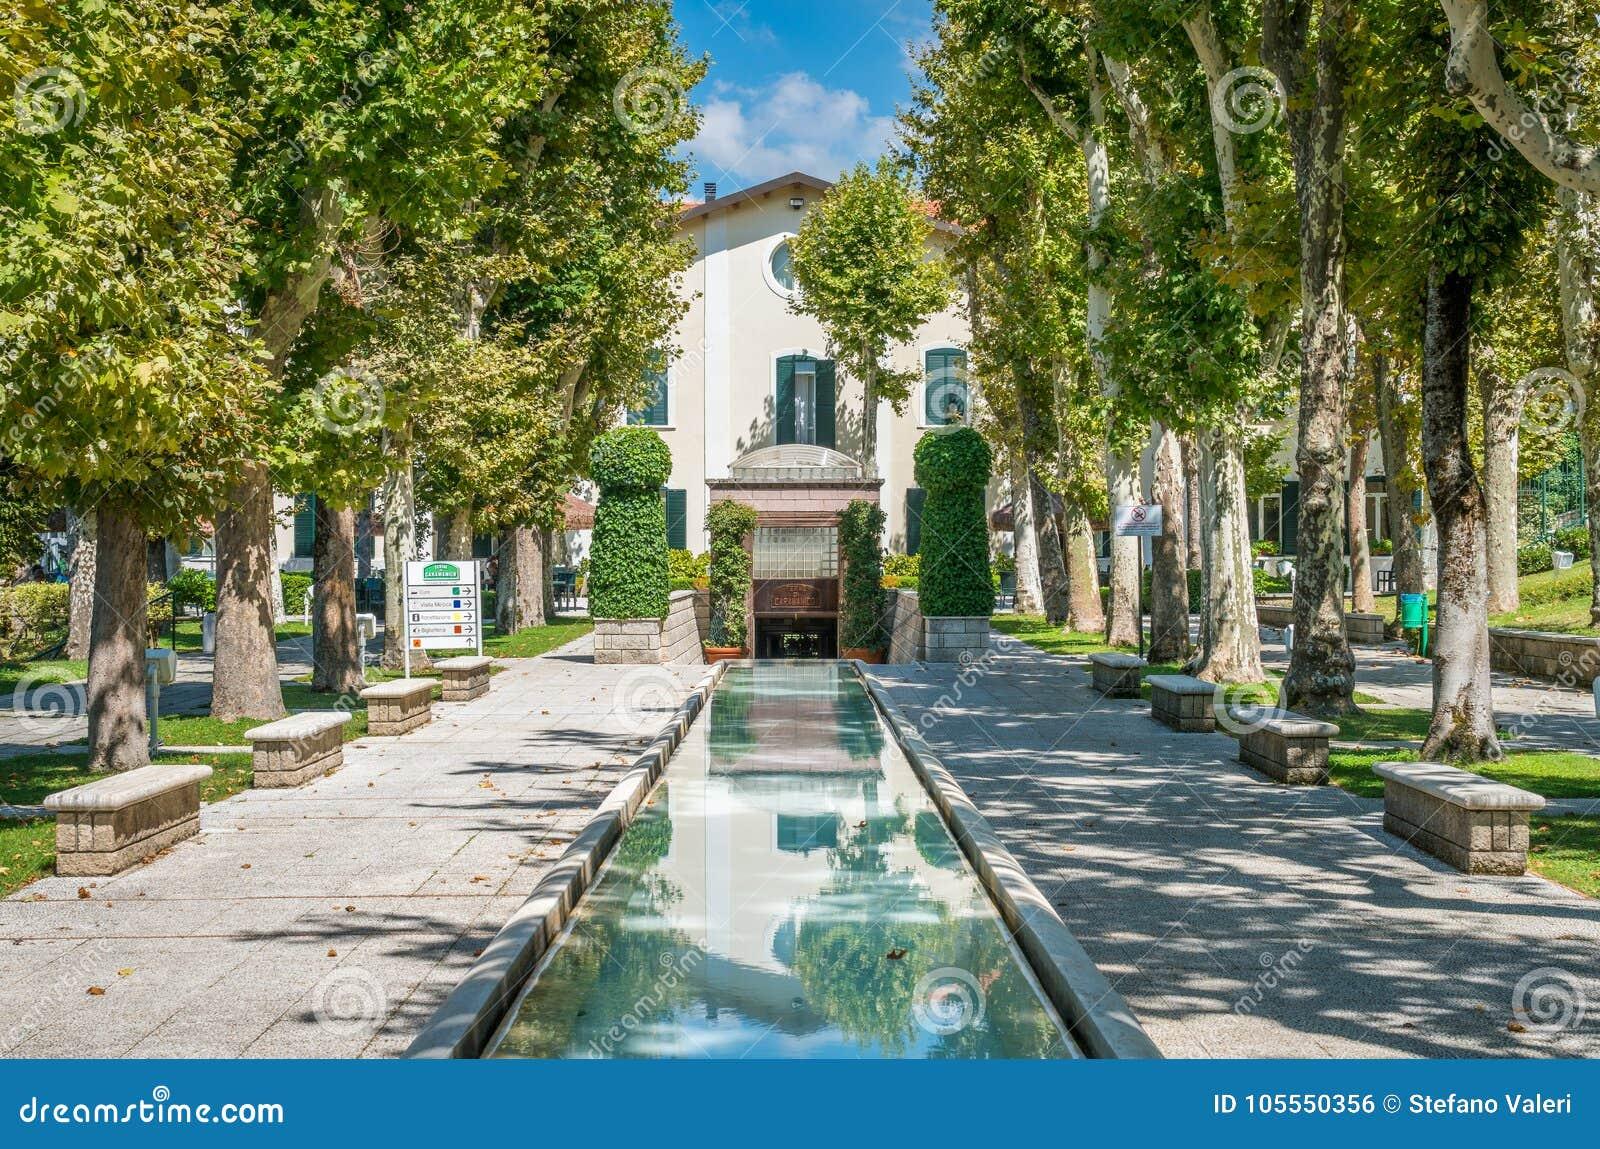 Vista Scenica In Caramanico Terme, Comune Nella Provincia Di Pescara Nella  Regione Dell'Abruzzo Di Italia Fotografia Stock - Immagine di montagna,  balcone: 105550356